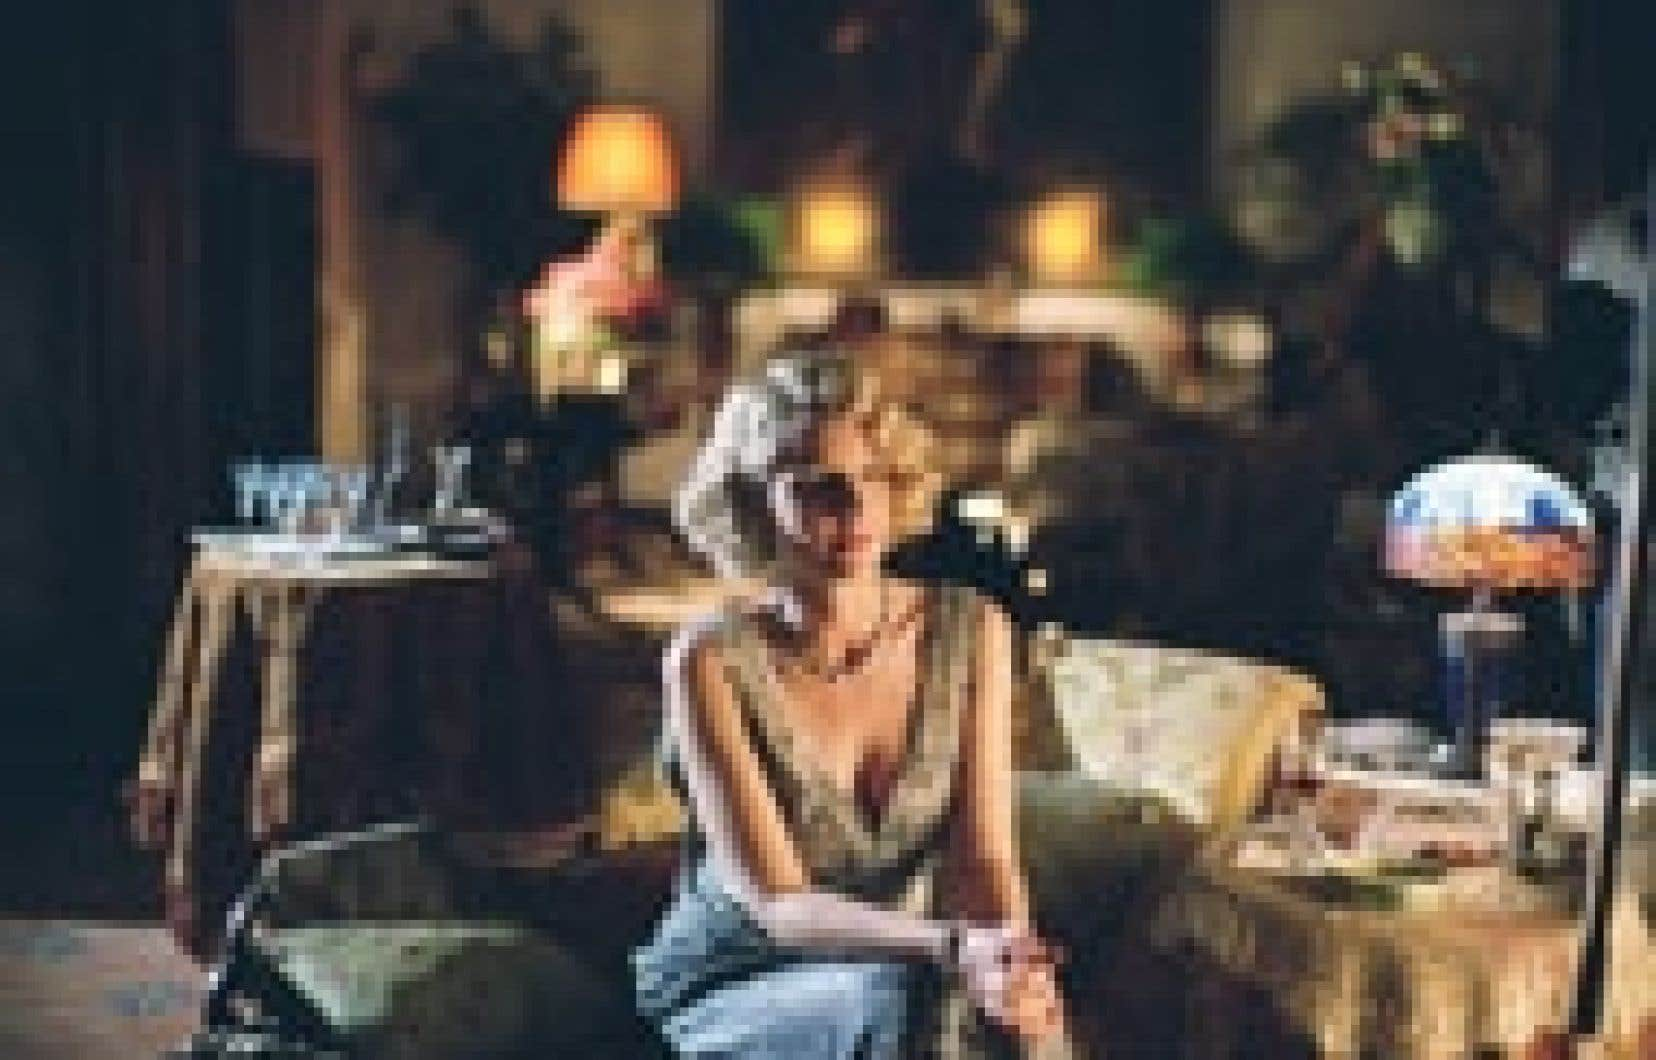 Dans A Good Woman, la présence d'Helen Hunt suscite un véritable malaise. Source: Christal Films